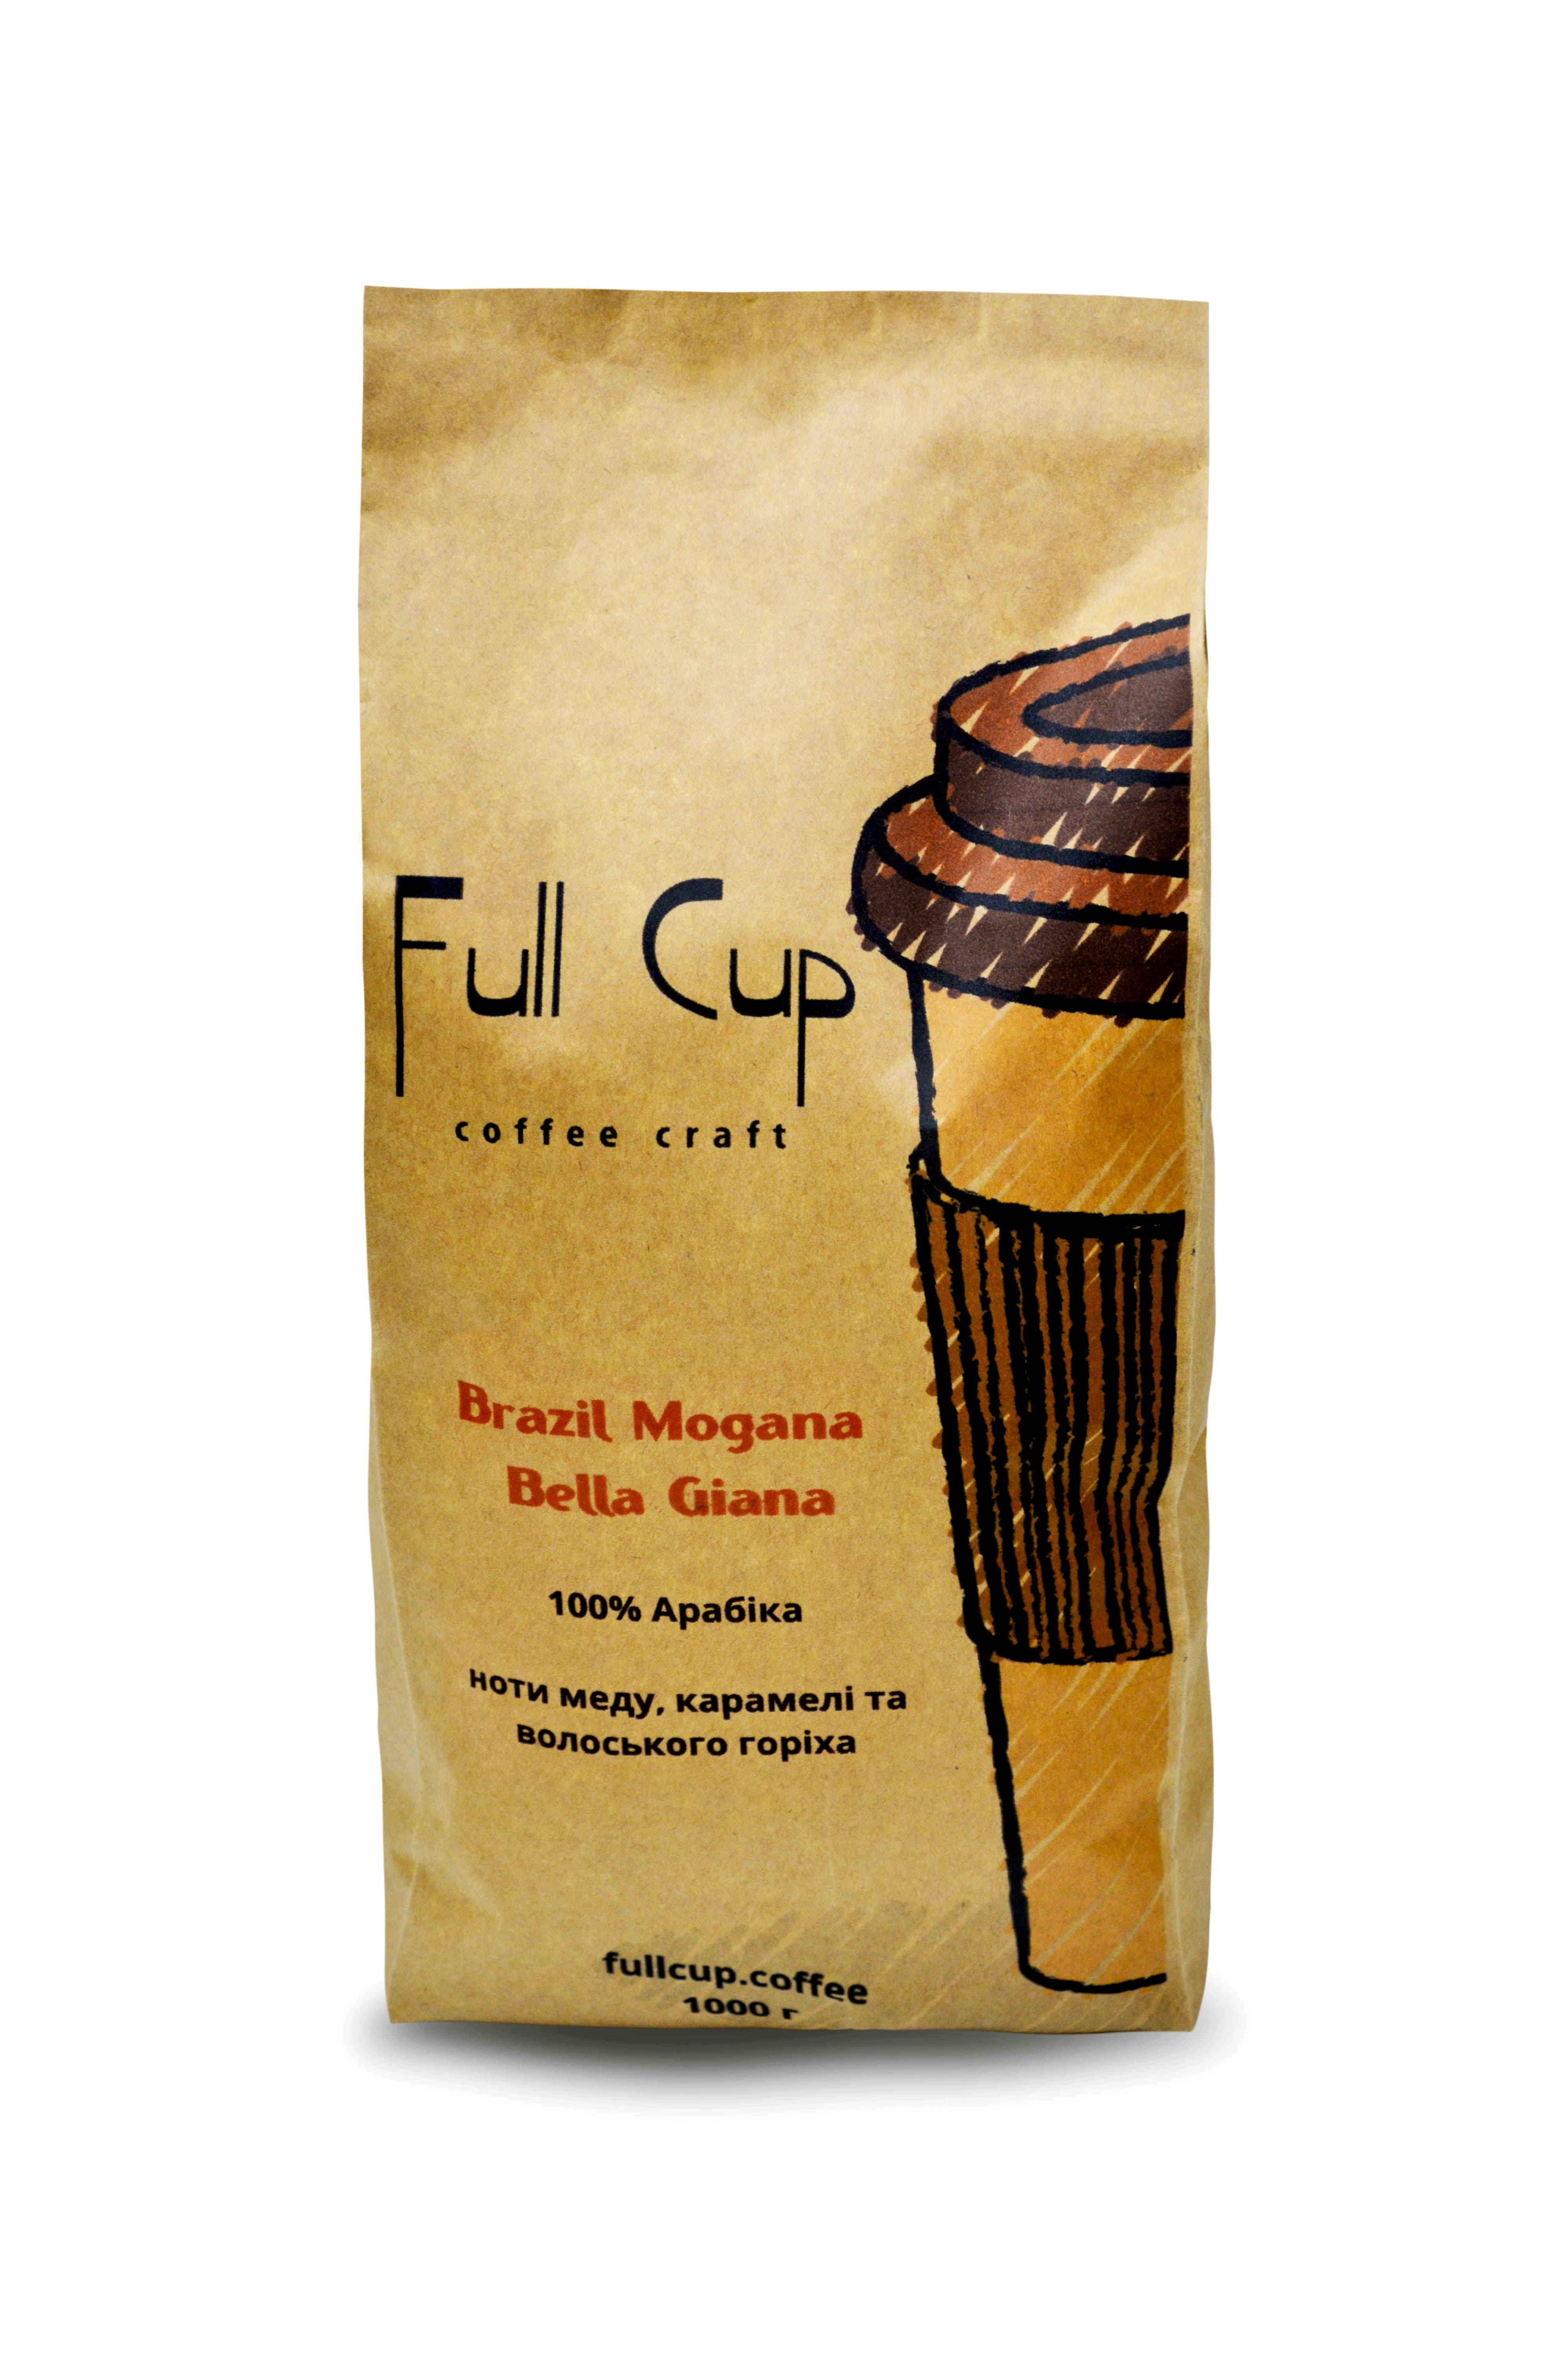 Арабика Brazil Mogana Bella Giana отличается отсутствием кислинки и исключительным карамельно-ореховым послевкусием...